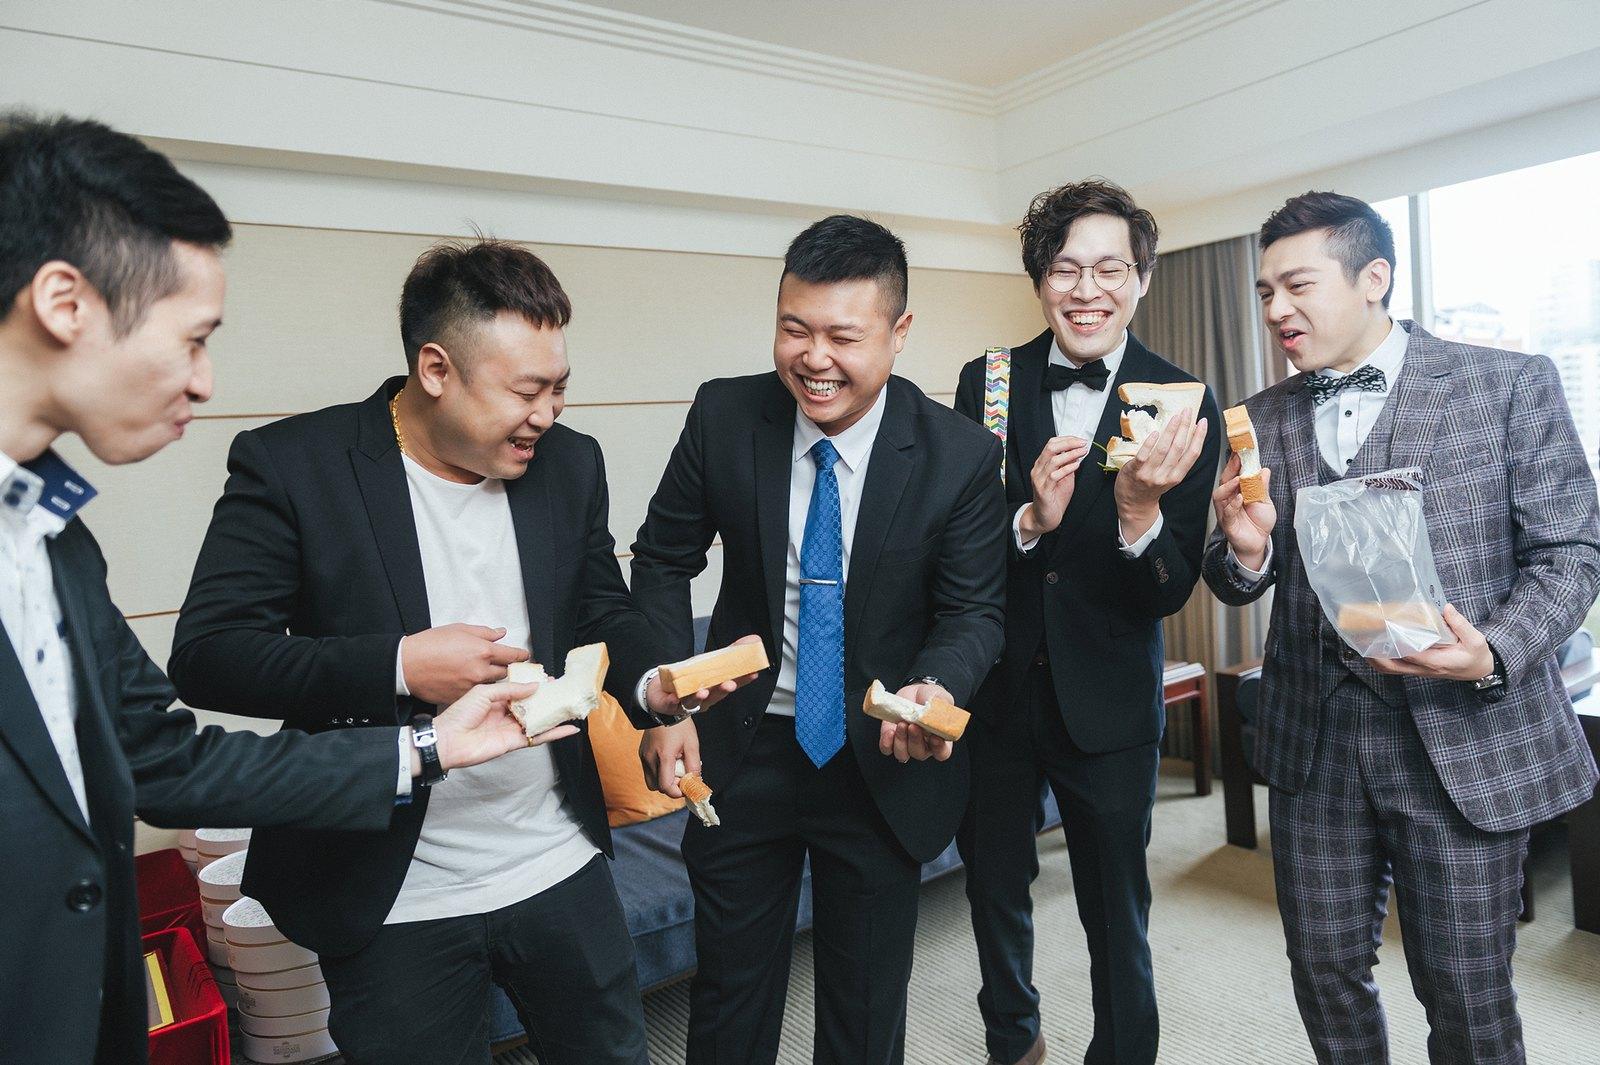 【婚攝】Hsiang & Cian / 台北晶華酒店 Regent Taipei